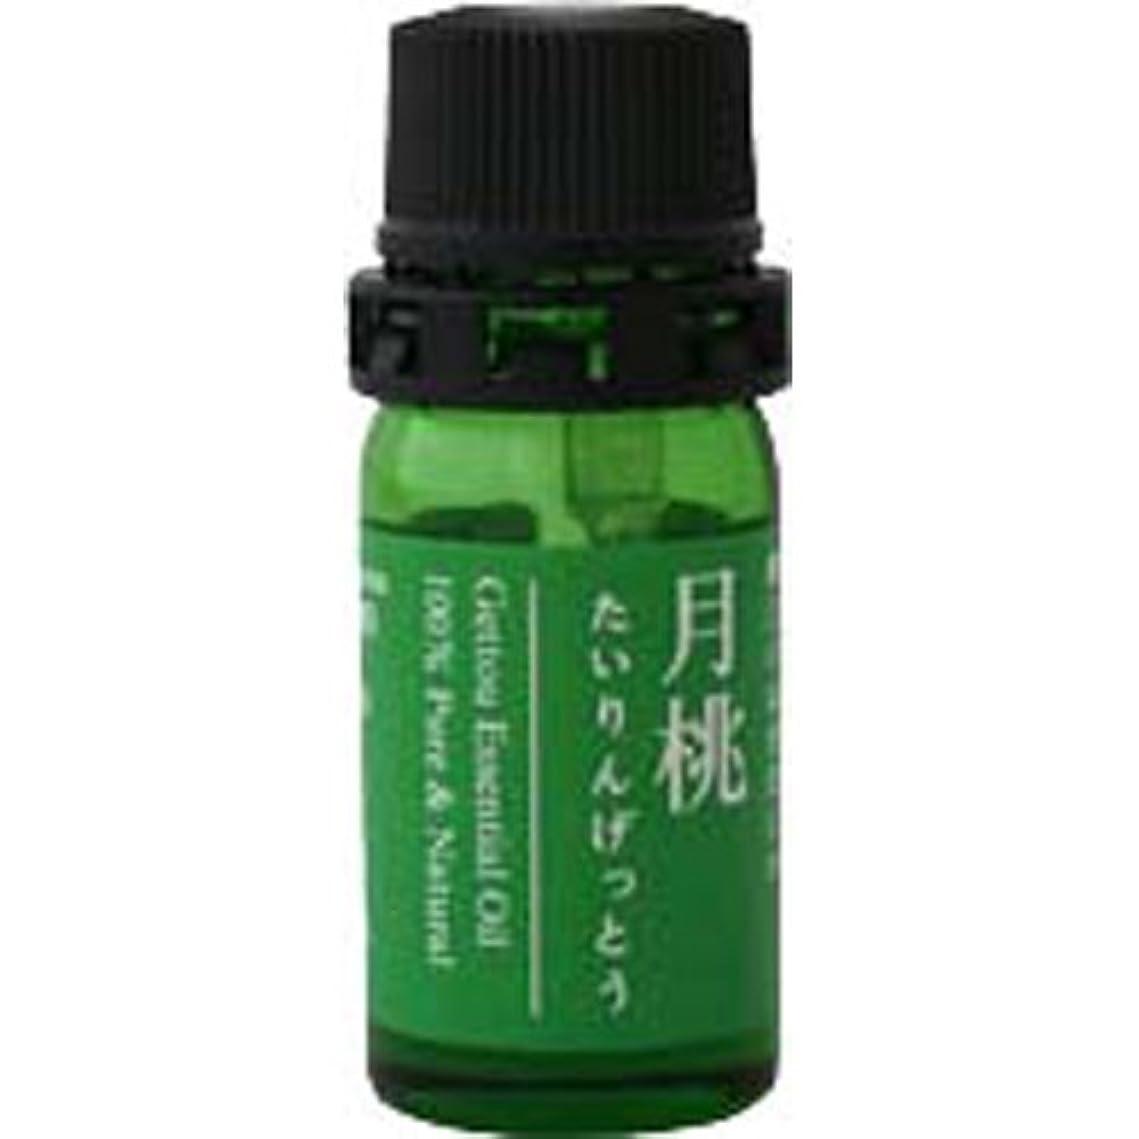 名前ロバ店員月桃 エッセンシャルオイル (タイリン) 2.5ml